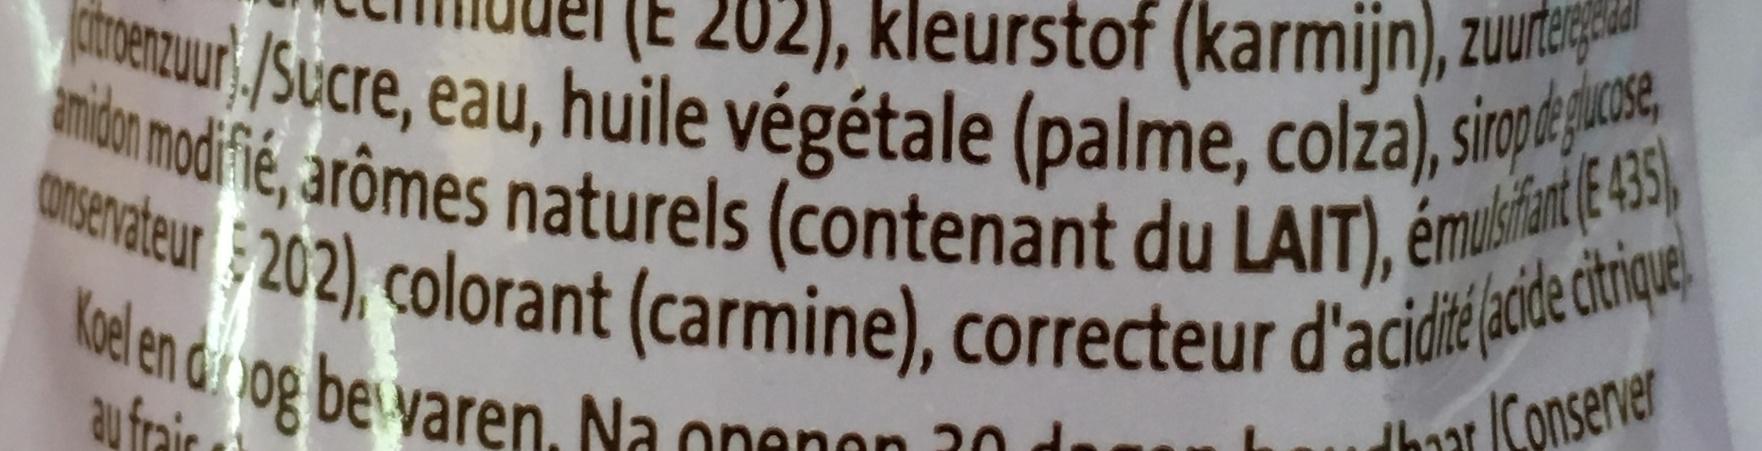 Topping - Ingrediënten - fr